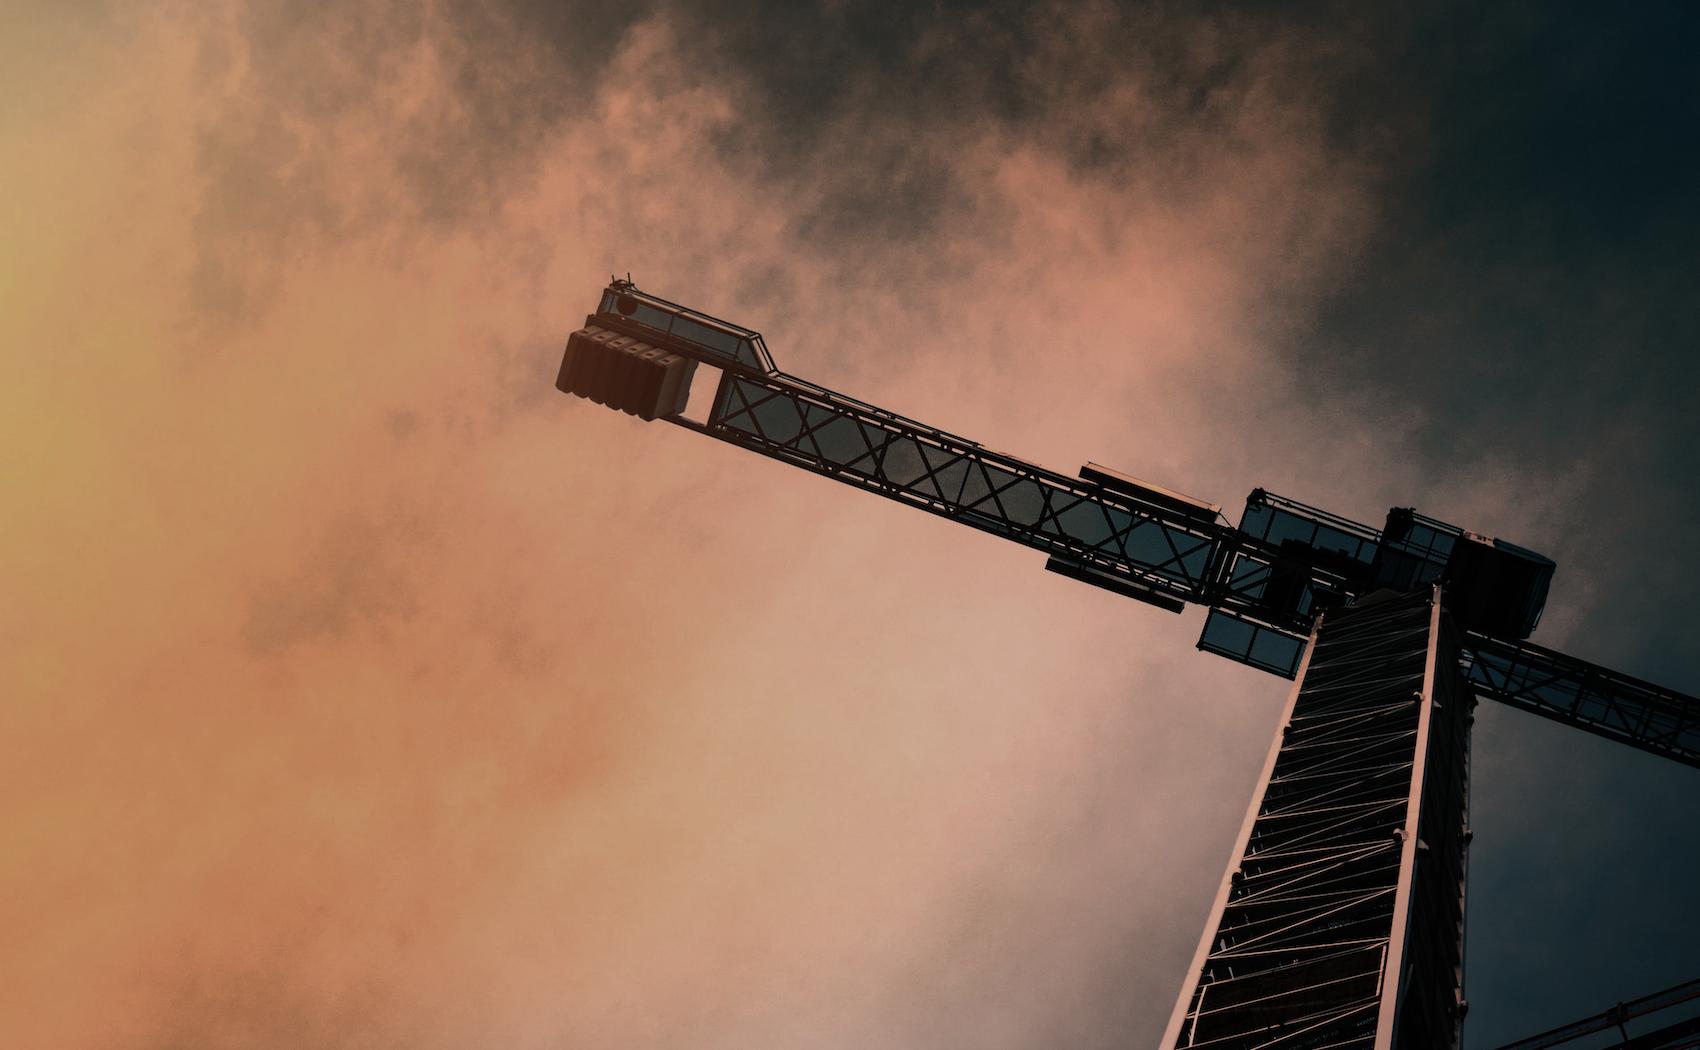 Crane Safety